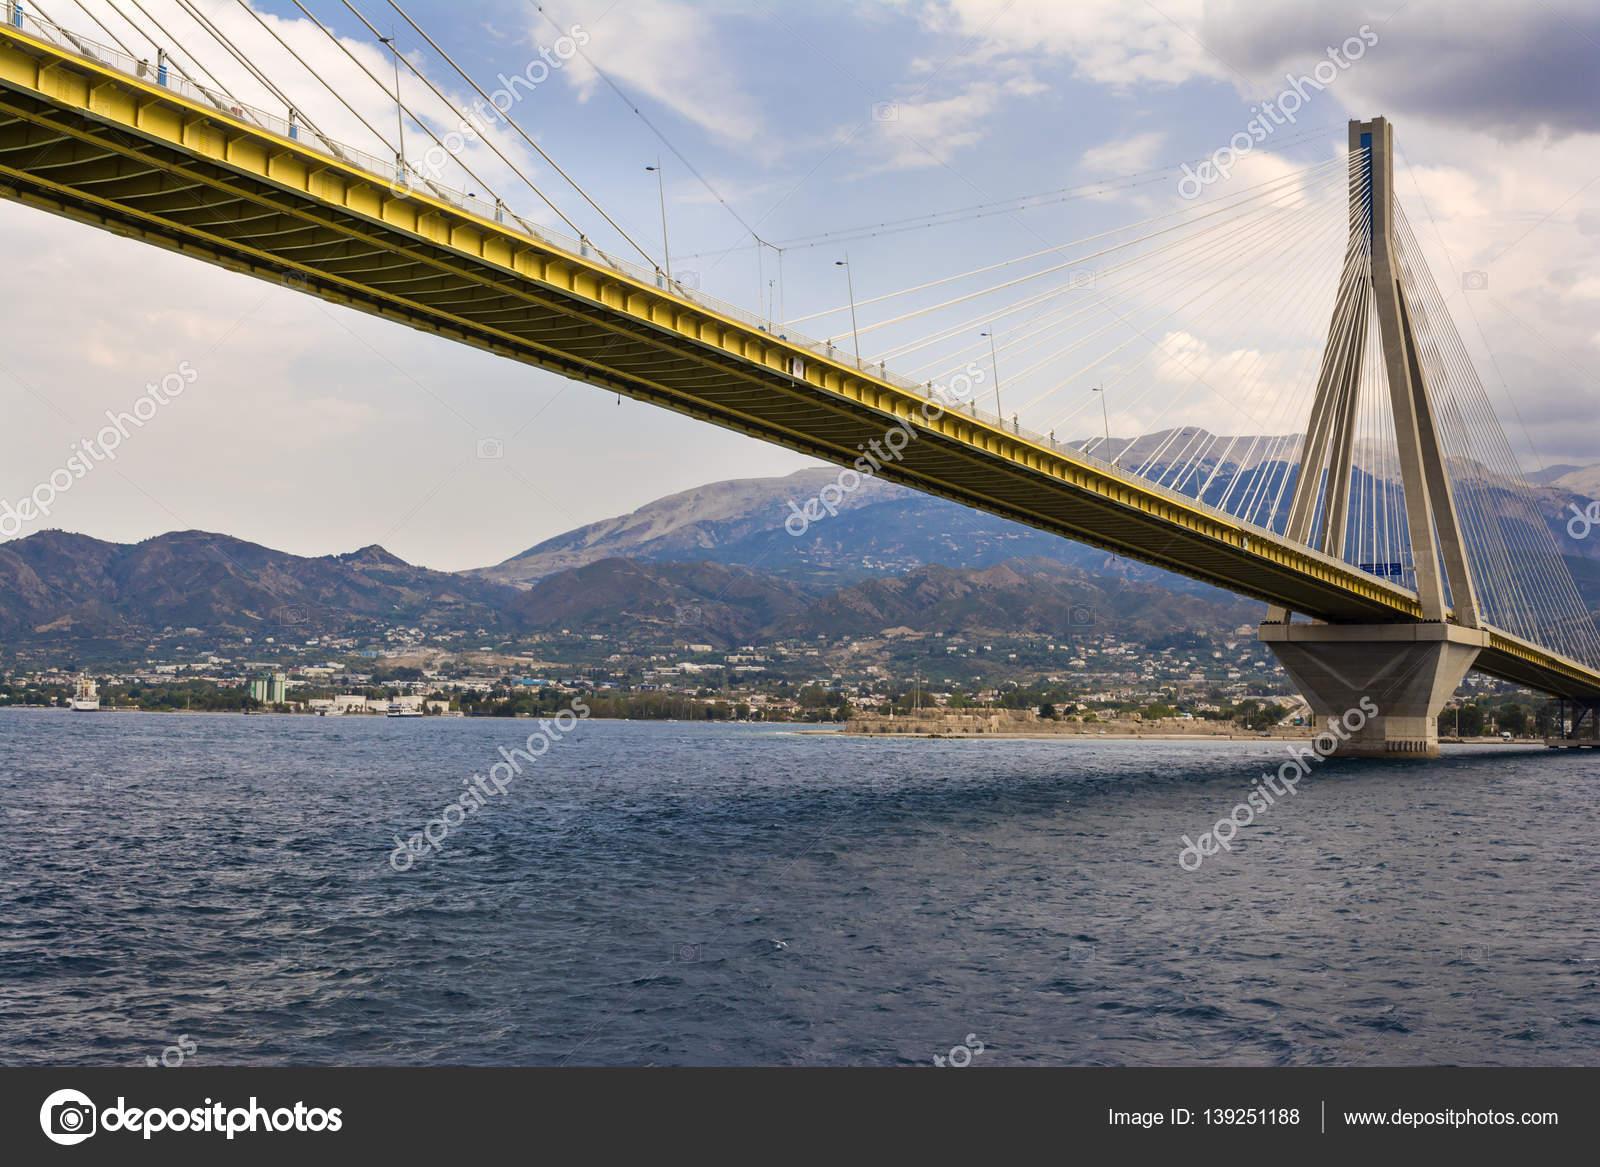 Строительство моста началось 11 февраля 2011 года, и он впервые был открыт 30 декабря 2011 года